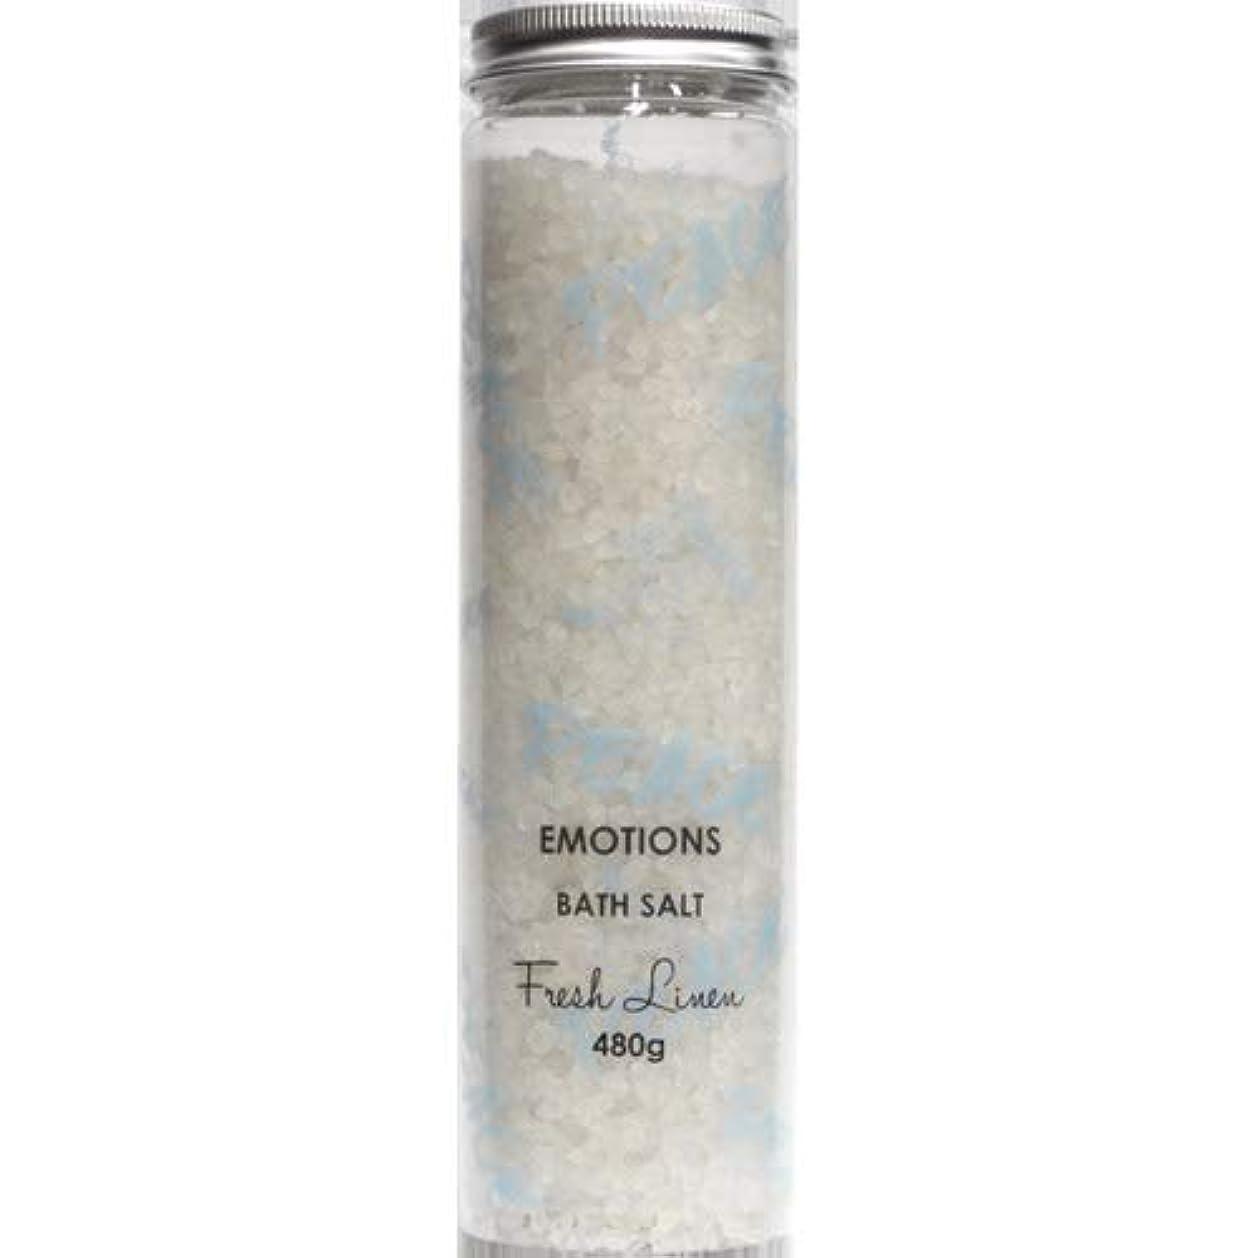 専門化する安西急いで三和トレーディング EMOTIONS エモーション Fragranced Bath Salts バスソルト Peace ピース(Fresh Linen フレッシュリネン)